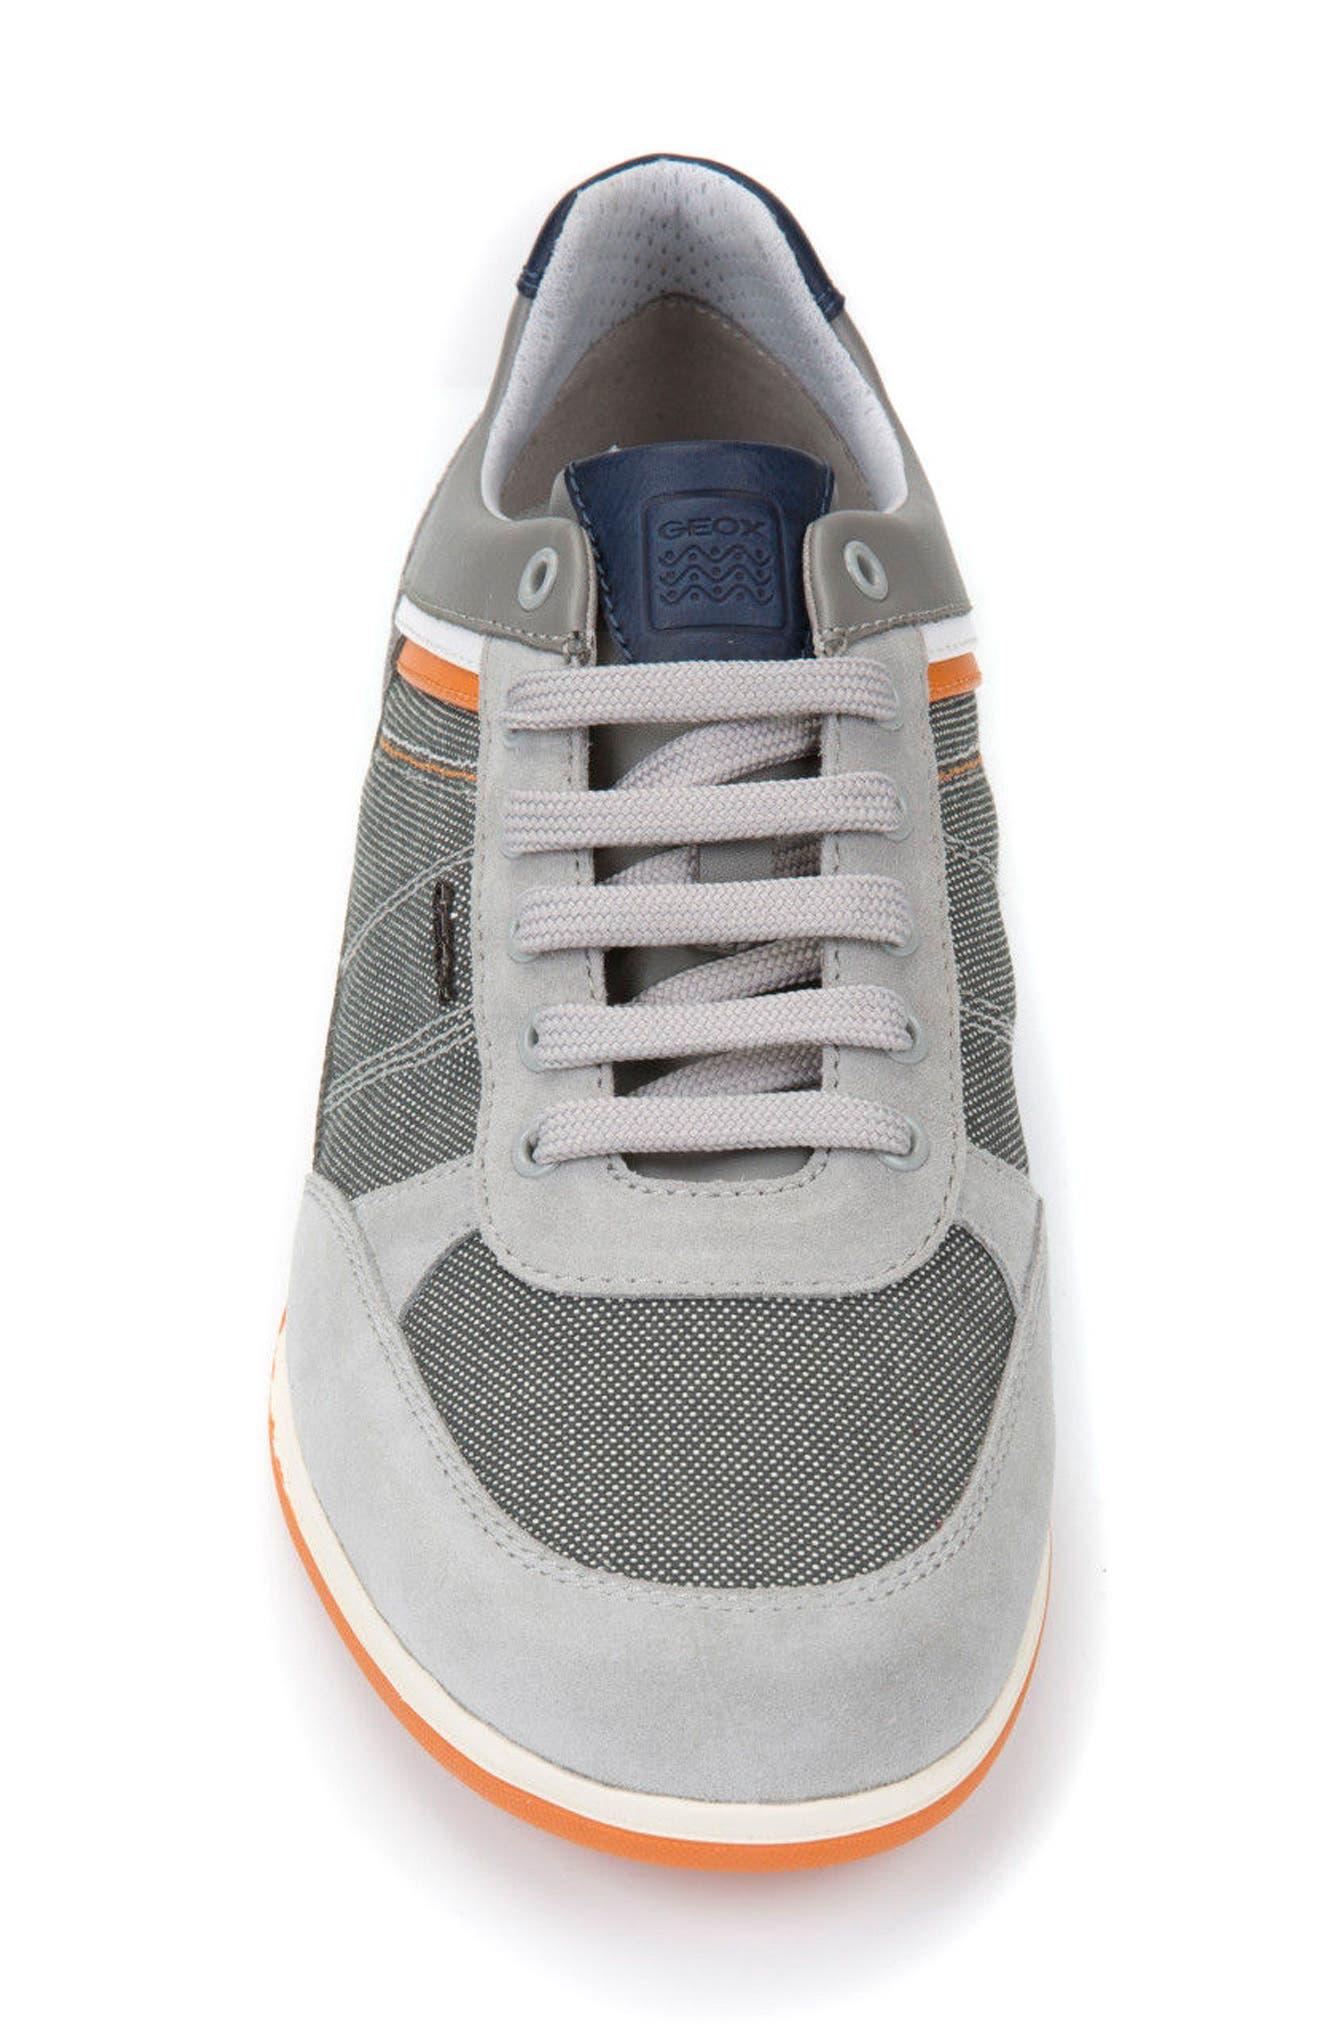 Renan 1 Low Top Sneaker,                             Alternate thumbnail 4, color,                             030